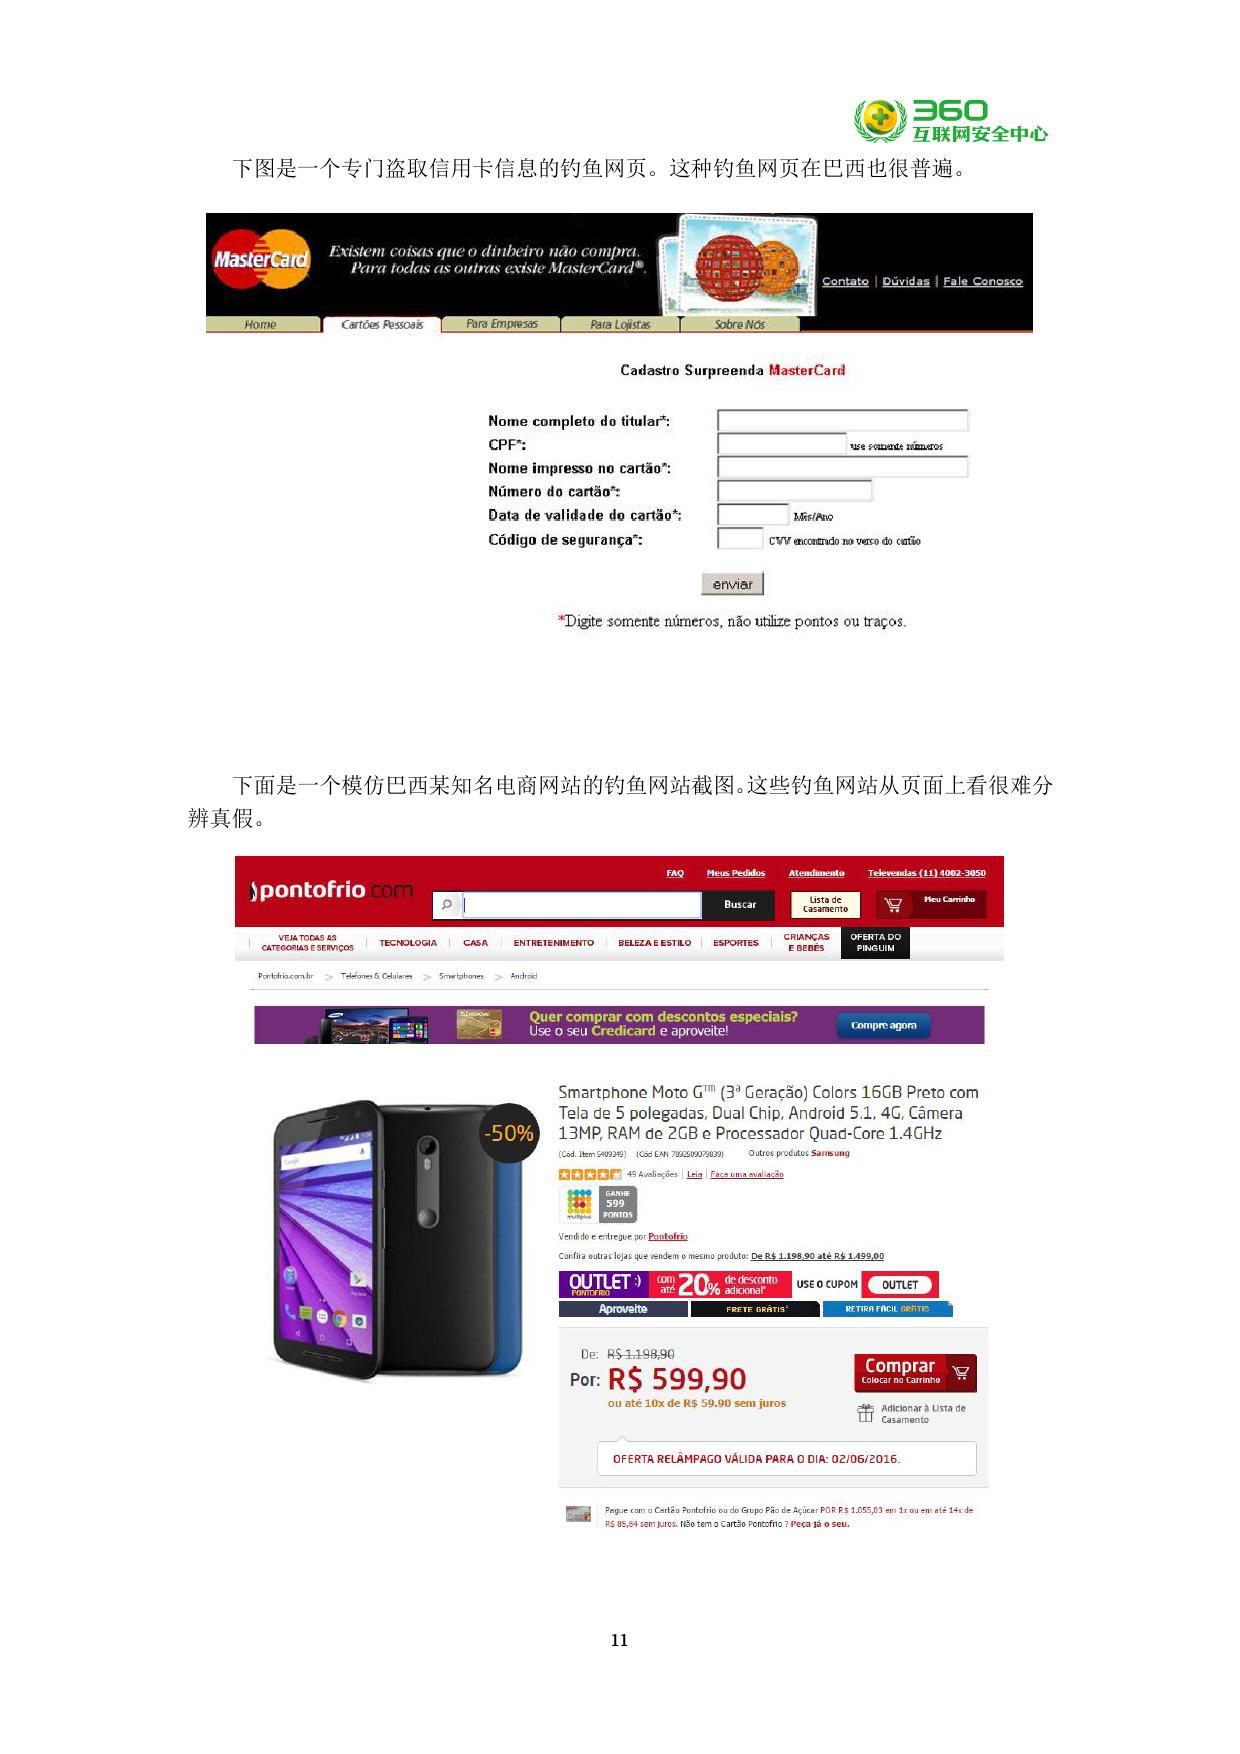 巴西网络生活与安全研究_000019